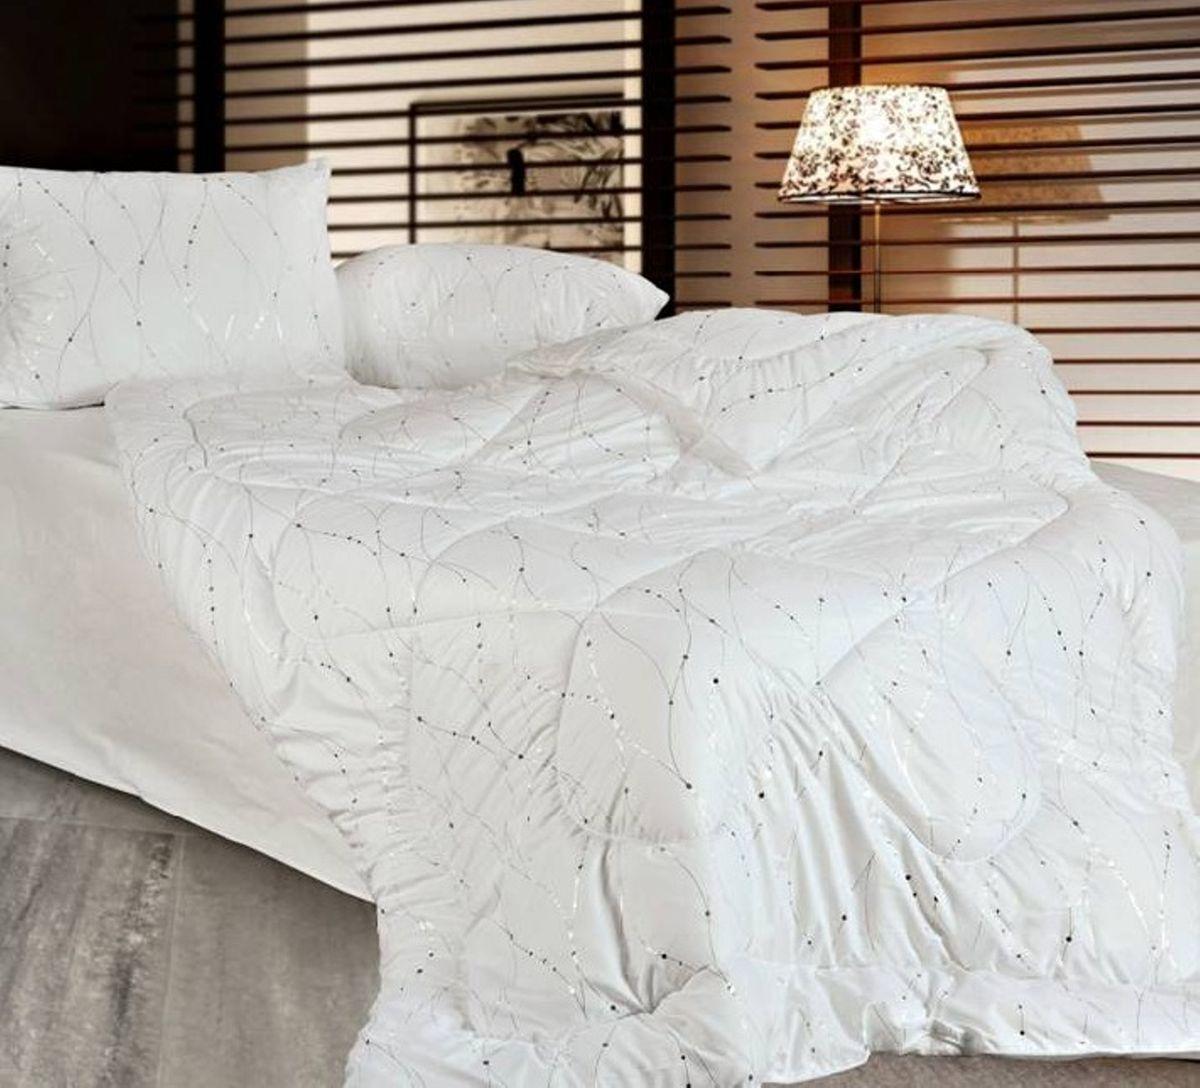 Одеяло Home & Style, 200 x 220 см, наполнитель: соевое волокно182906Классическое одеяло с экологичным наполнителем и стильным верхом - серебро на белом фоне - простегано - значит, наполнитель внутри будет всегда распределен равномерно.Чехол одеяла Home & Style выполнен из микрофибры.Наполнитель - соевое волокно.Размер: 200 х 220 см.